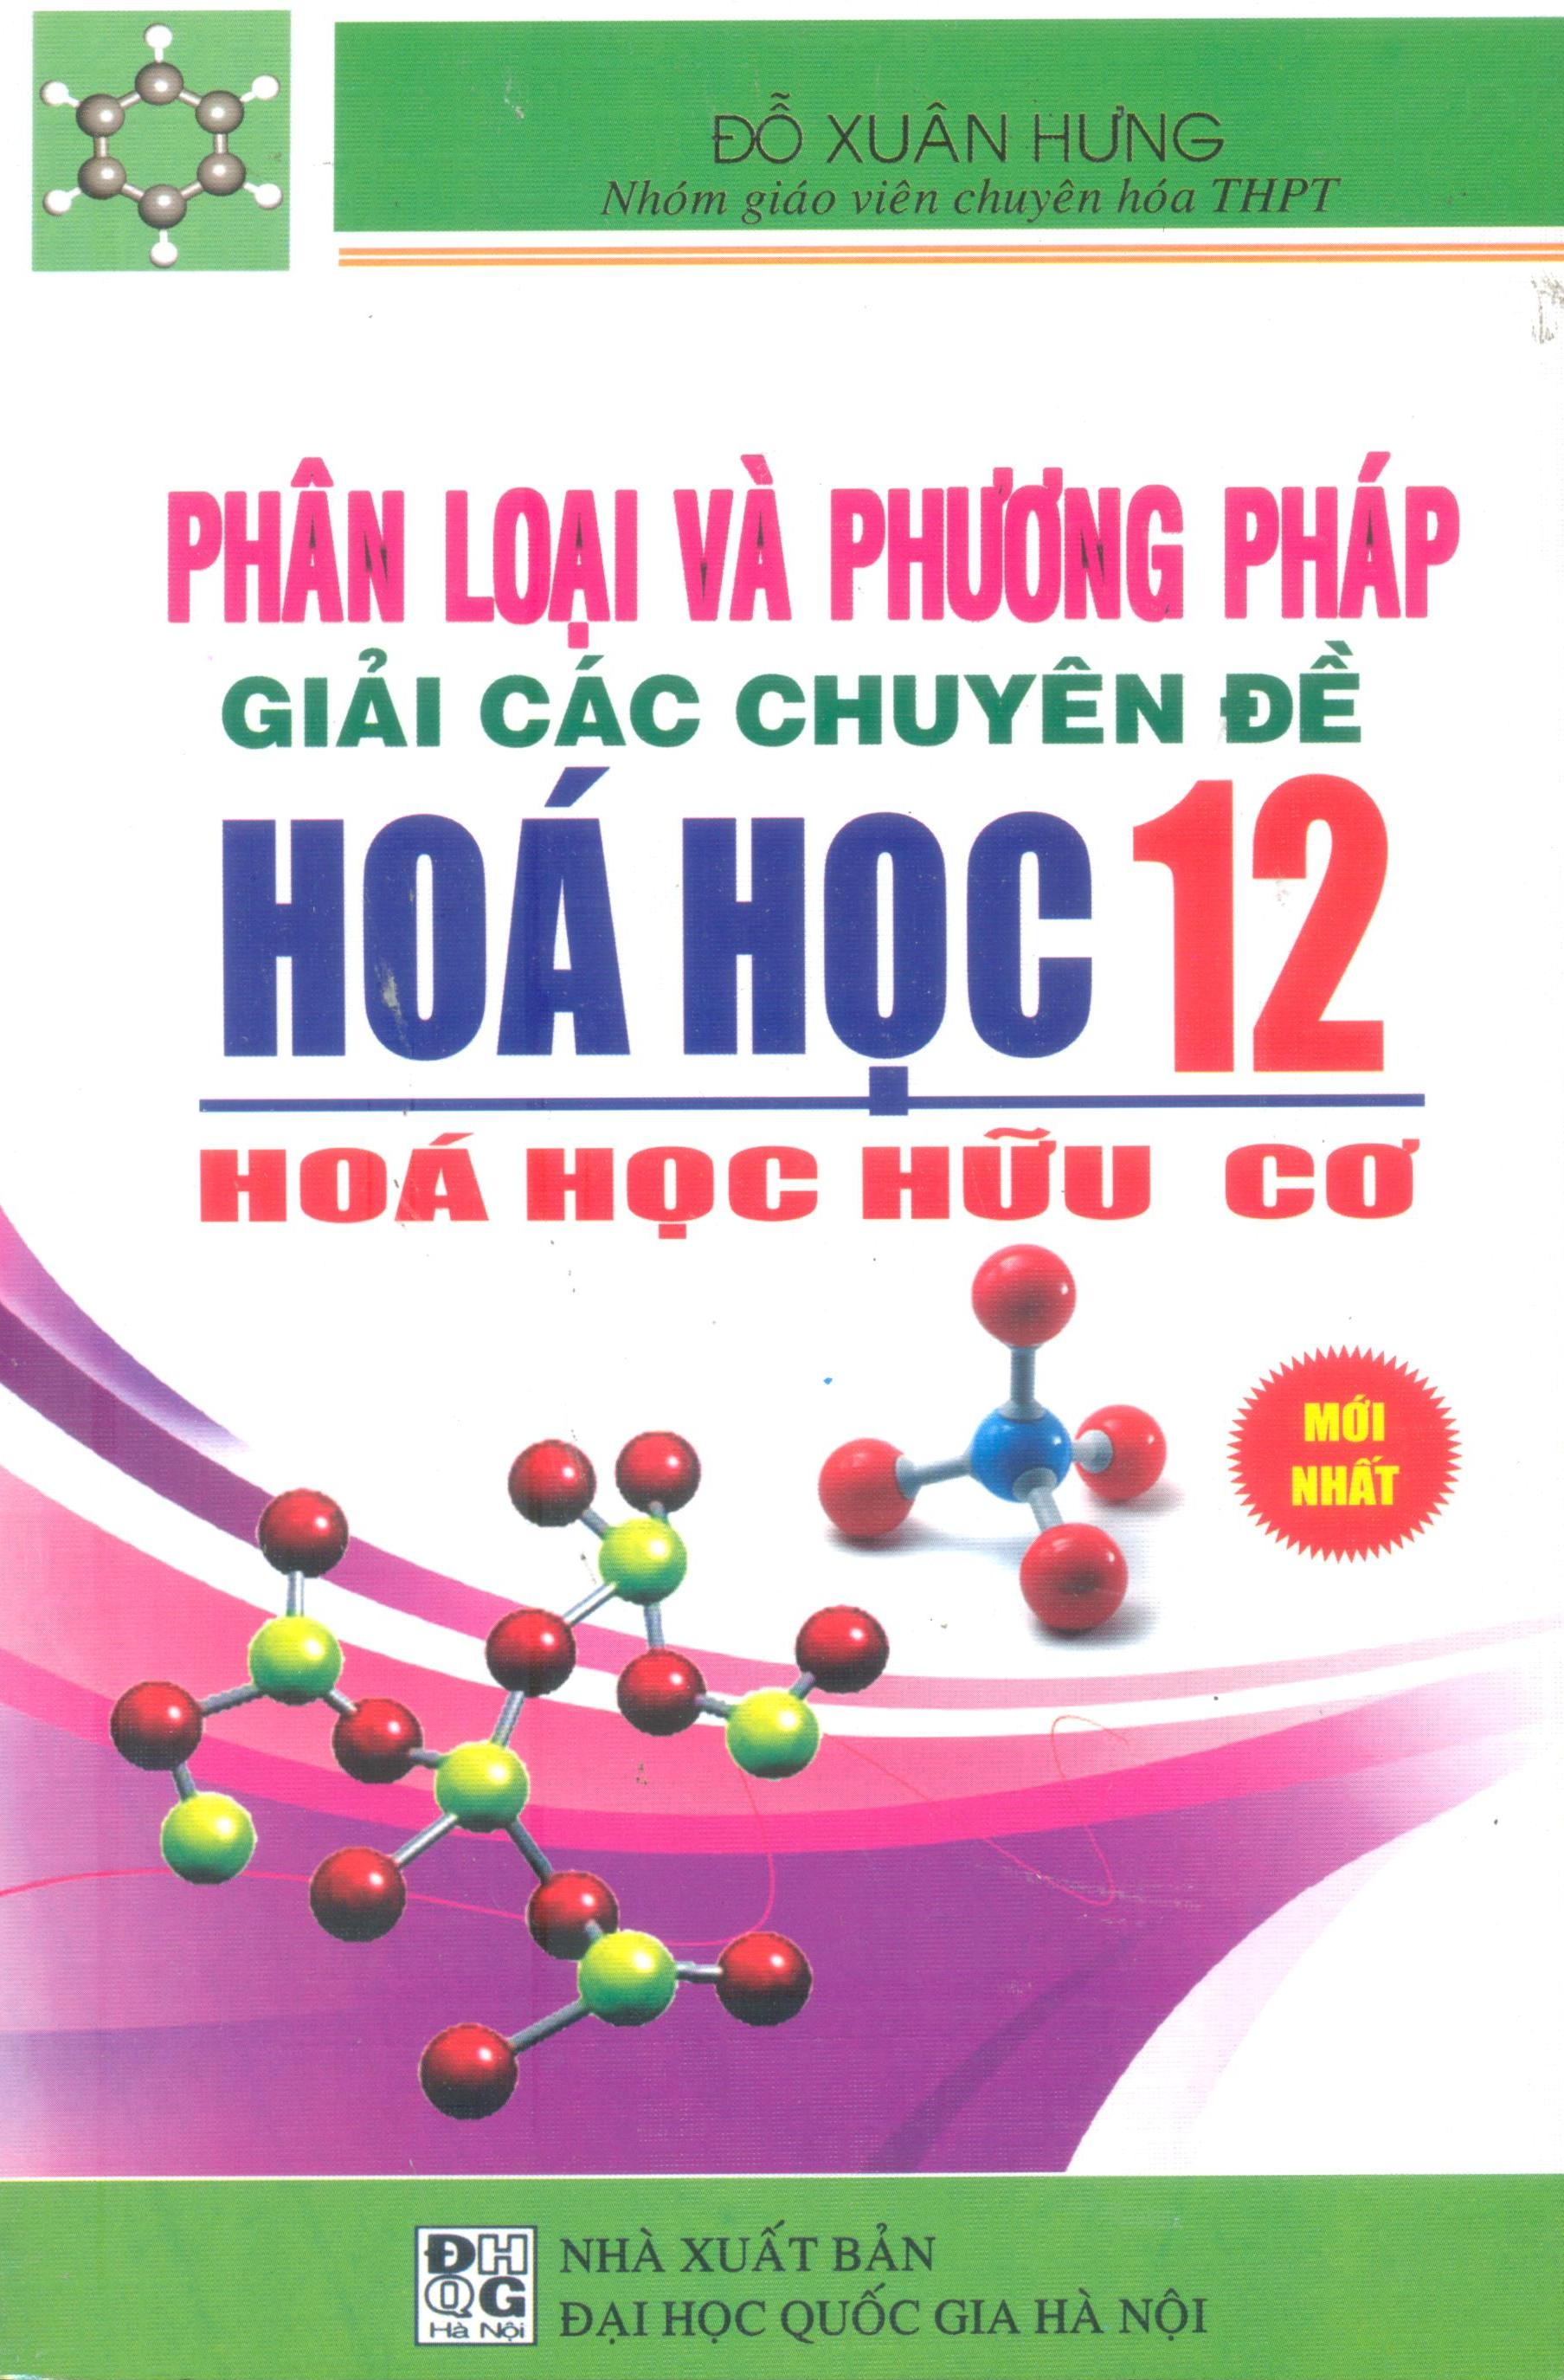 Phân Loại Và Phương Pháp Giải Các Chuyên Đề Hóa Học Lớp 12 - Hóa Học Hữu Cơ